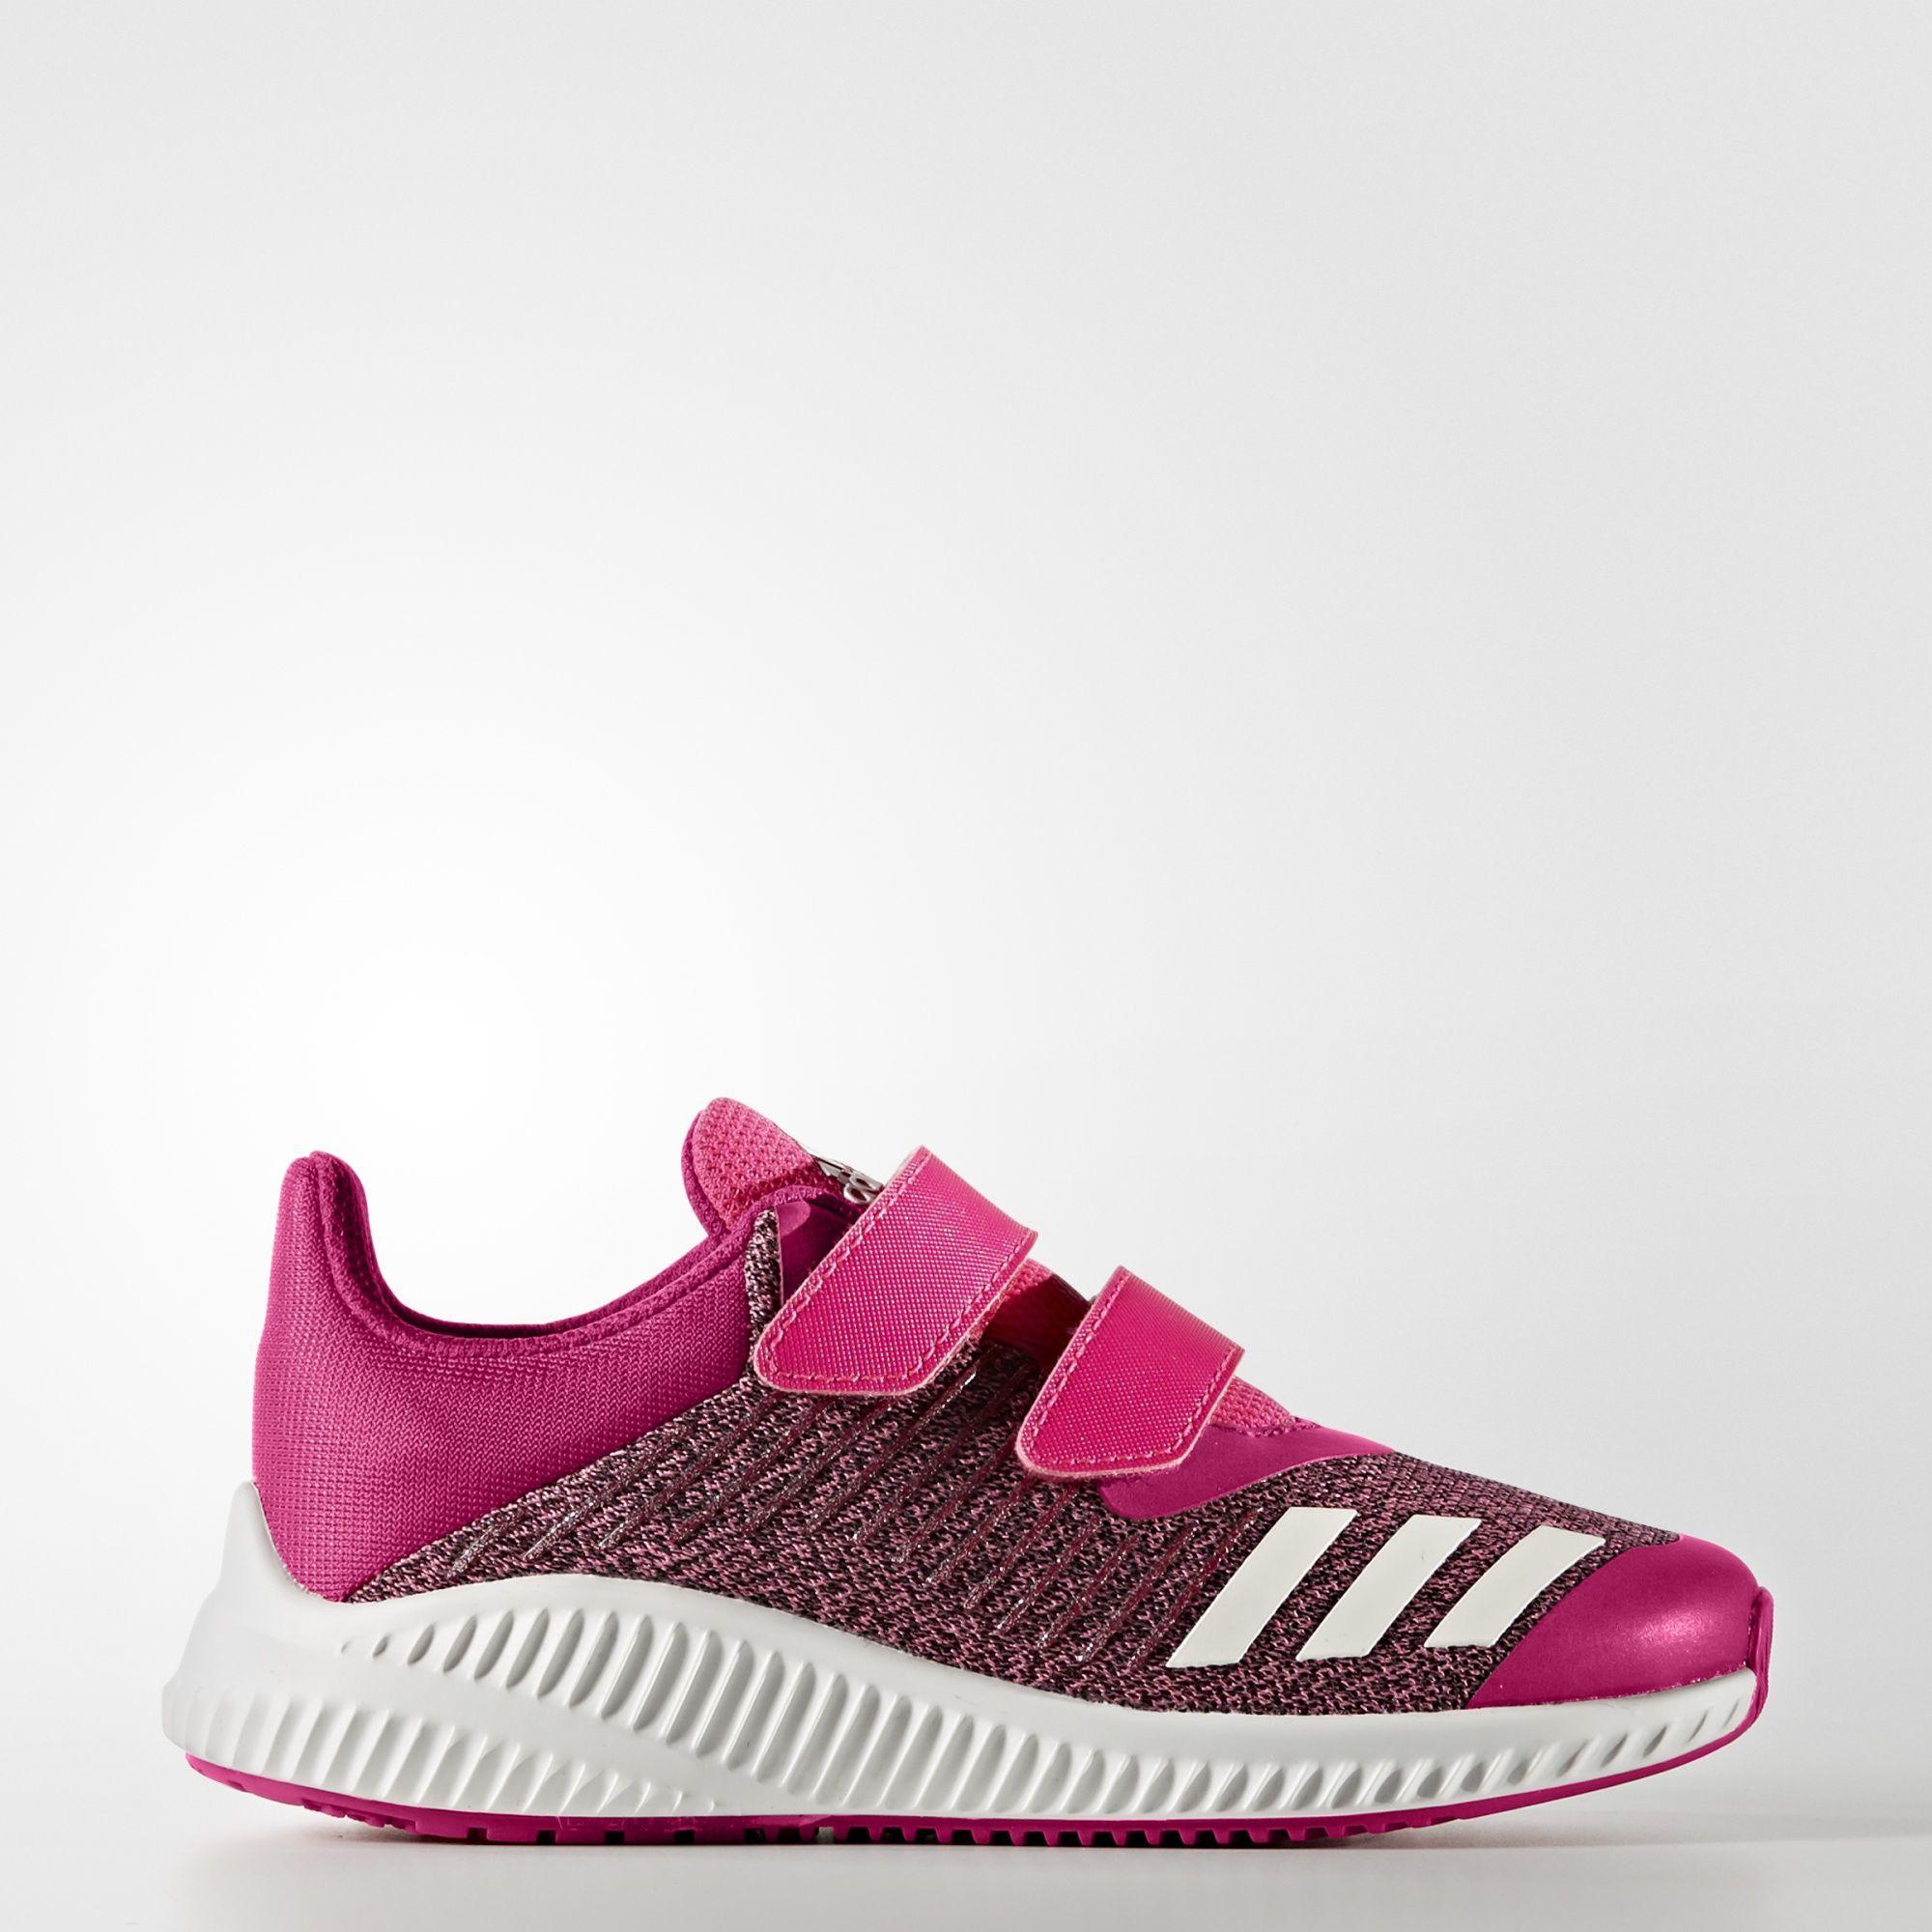 Kinder FortaRun Schuh